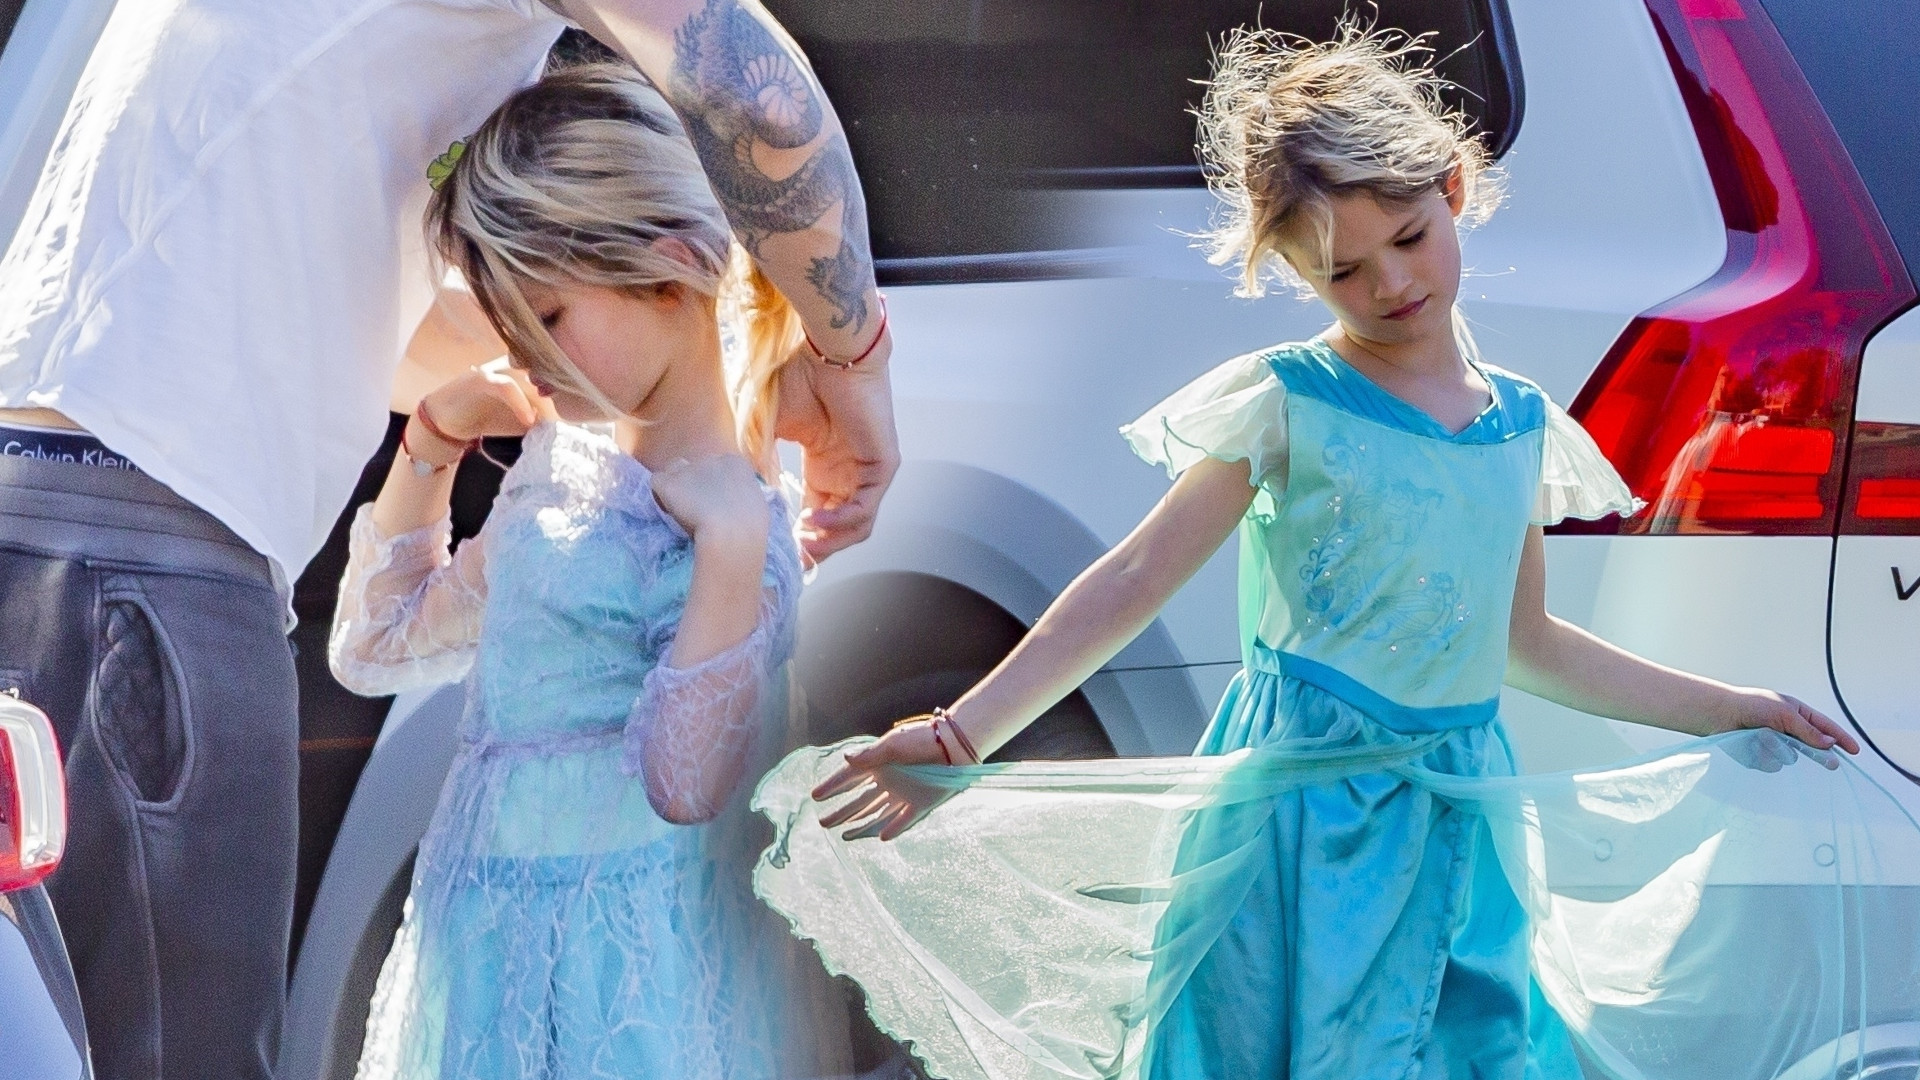 7-letni syn Megan Fox w długiej sukni na urodzinowym party (ZDJĘCIA)